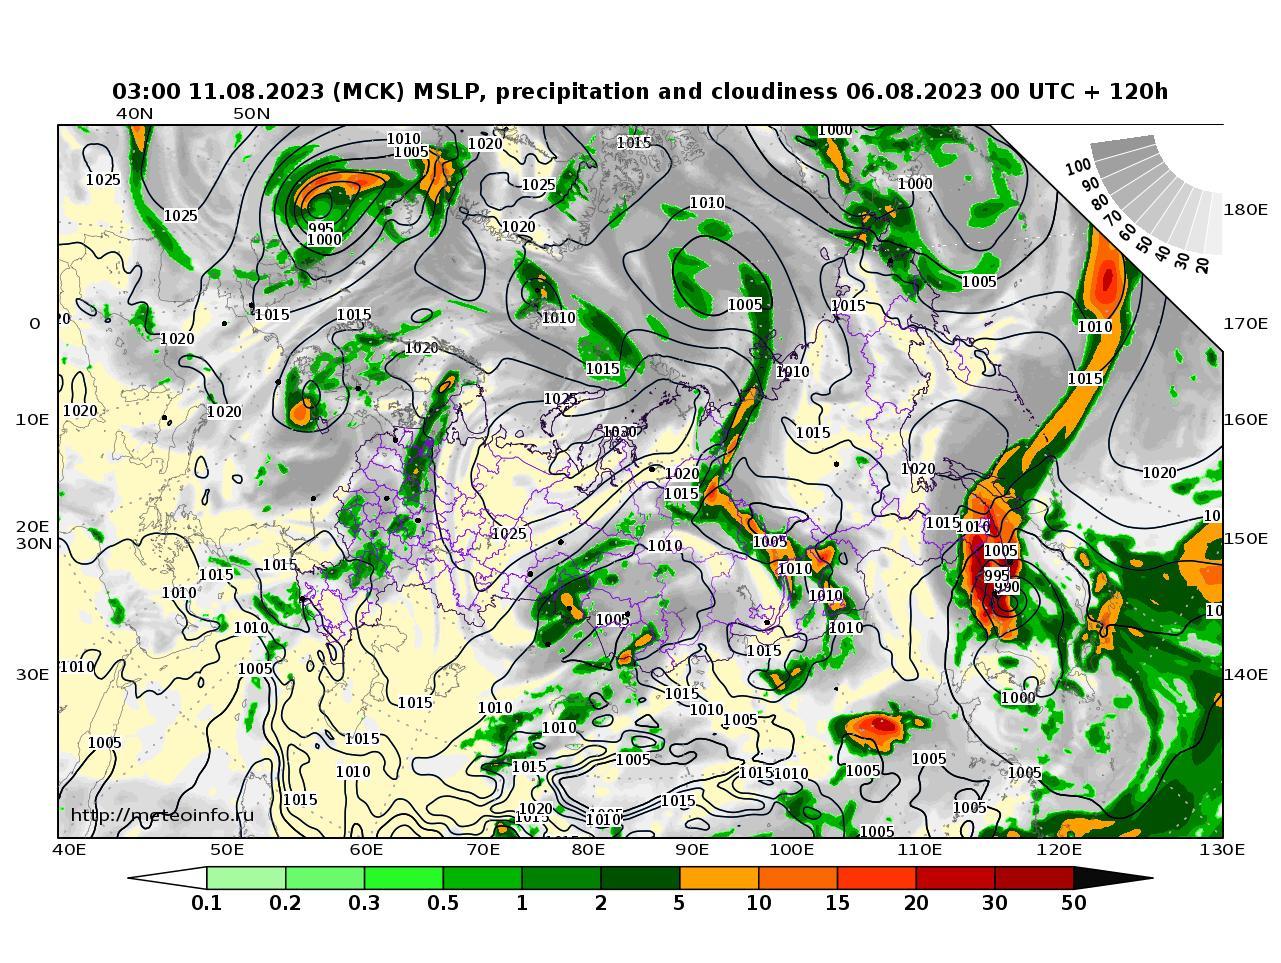 Россия, прогностическая карта осадки и давление, заблаговременность прогноза 120 часов